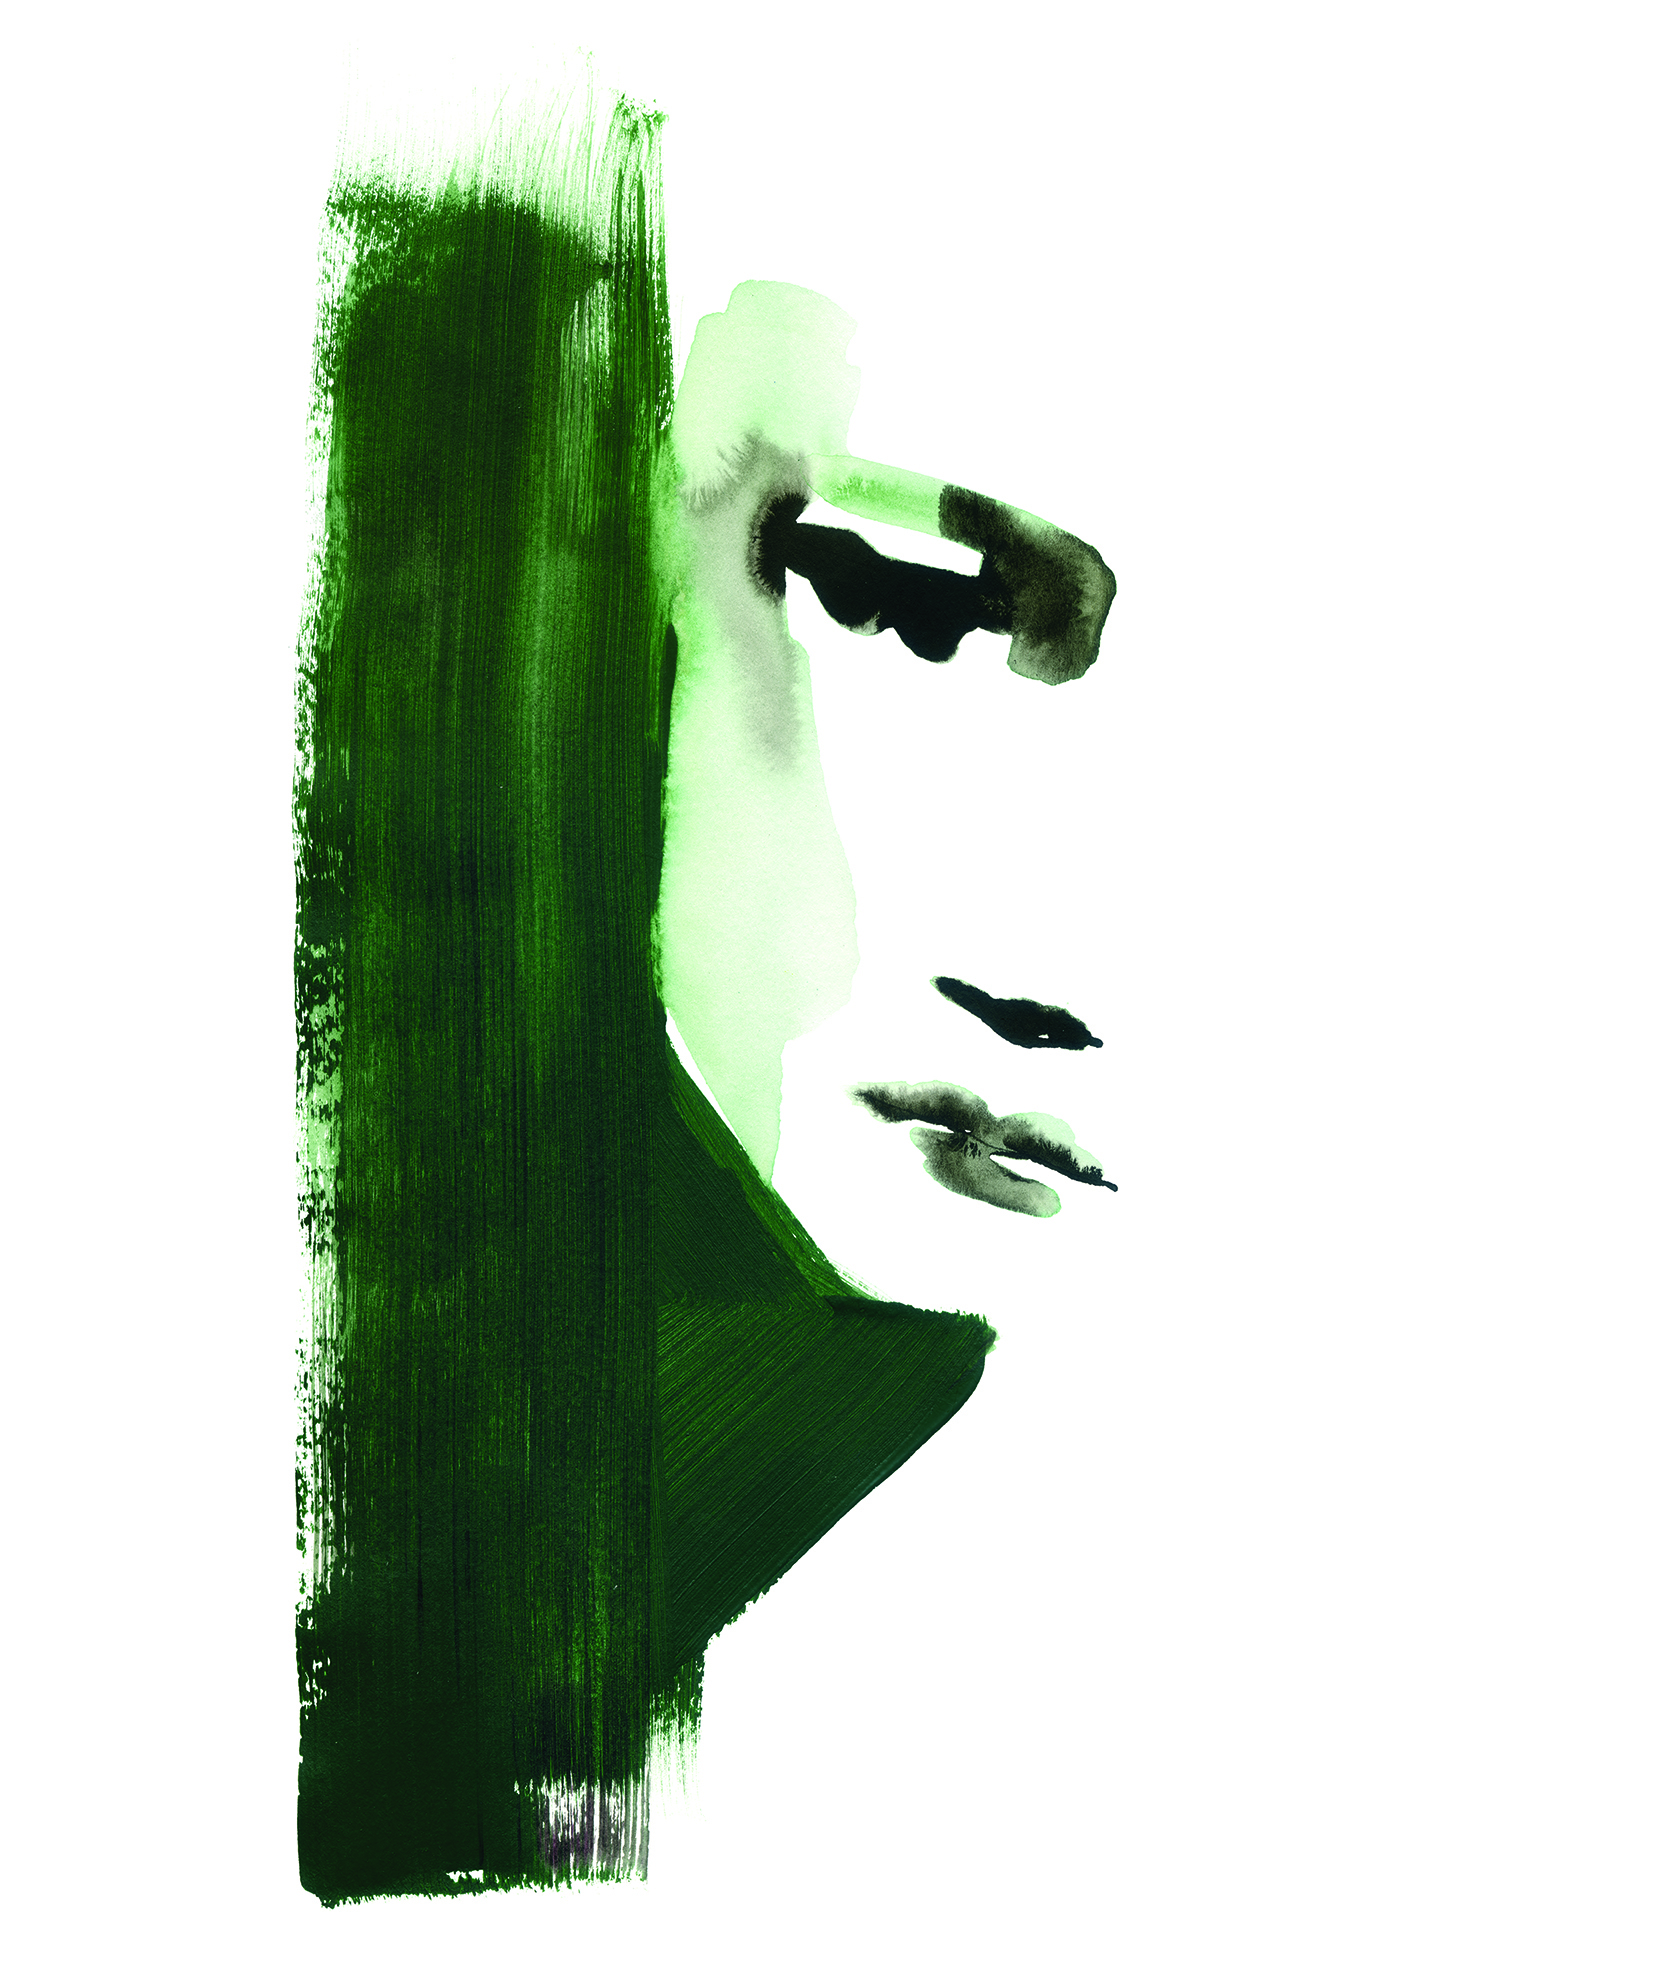 TessaIllustration_Unfocused.jpg